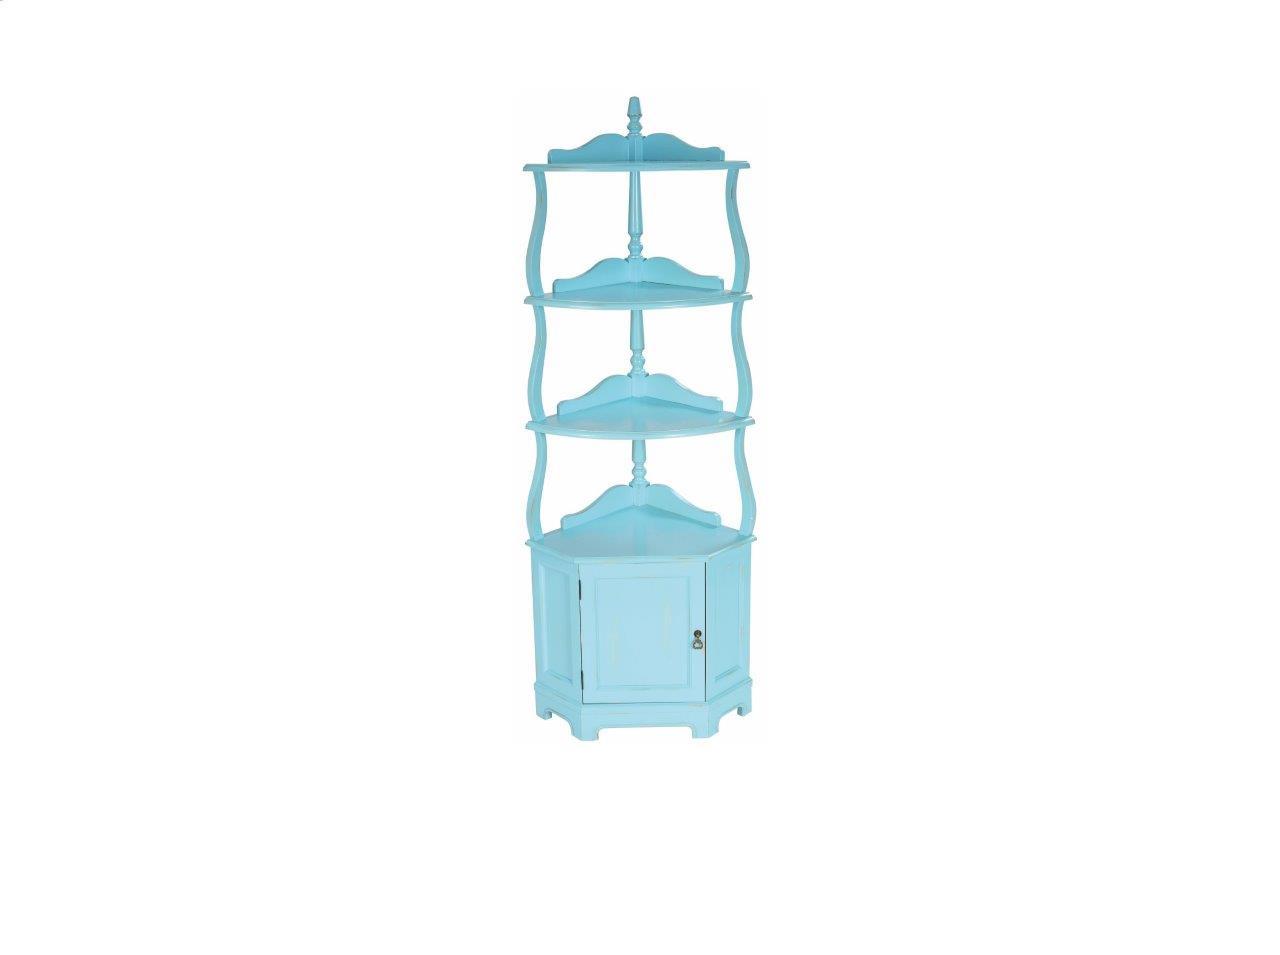 Купить Этажерка Stelloche в интернет магазине дизайнерской мебели и аксессуаров для дома и дачи